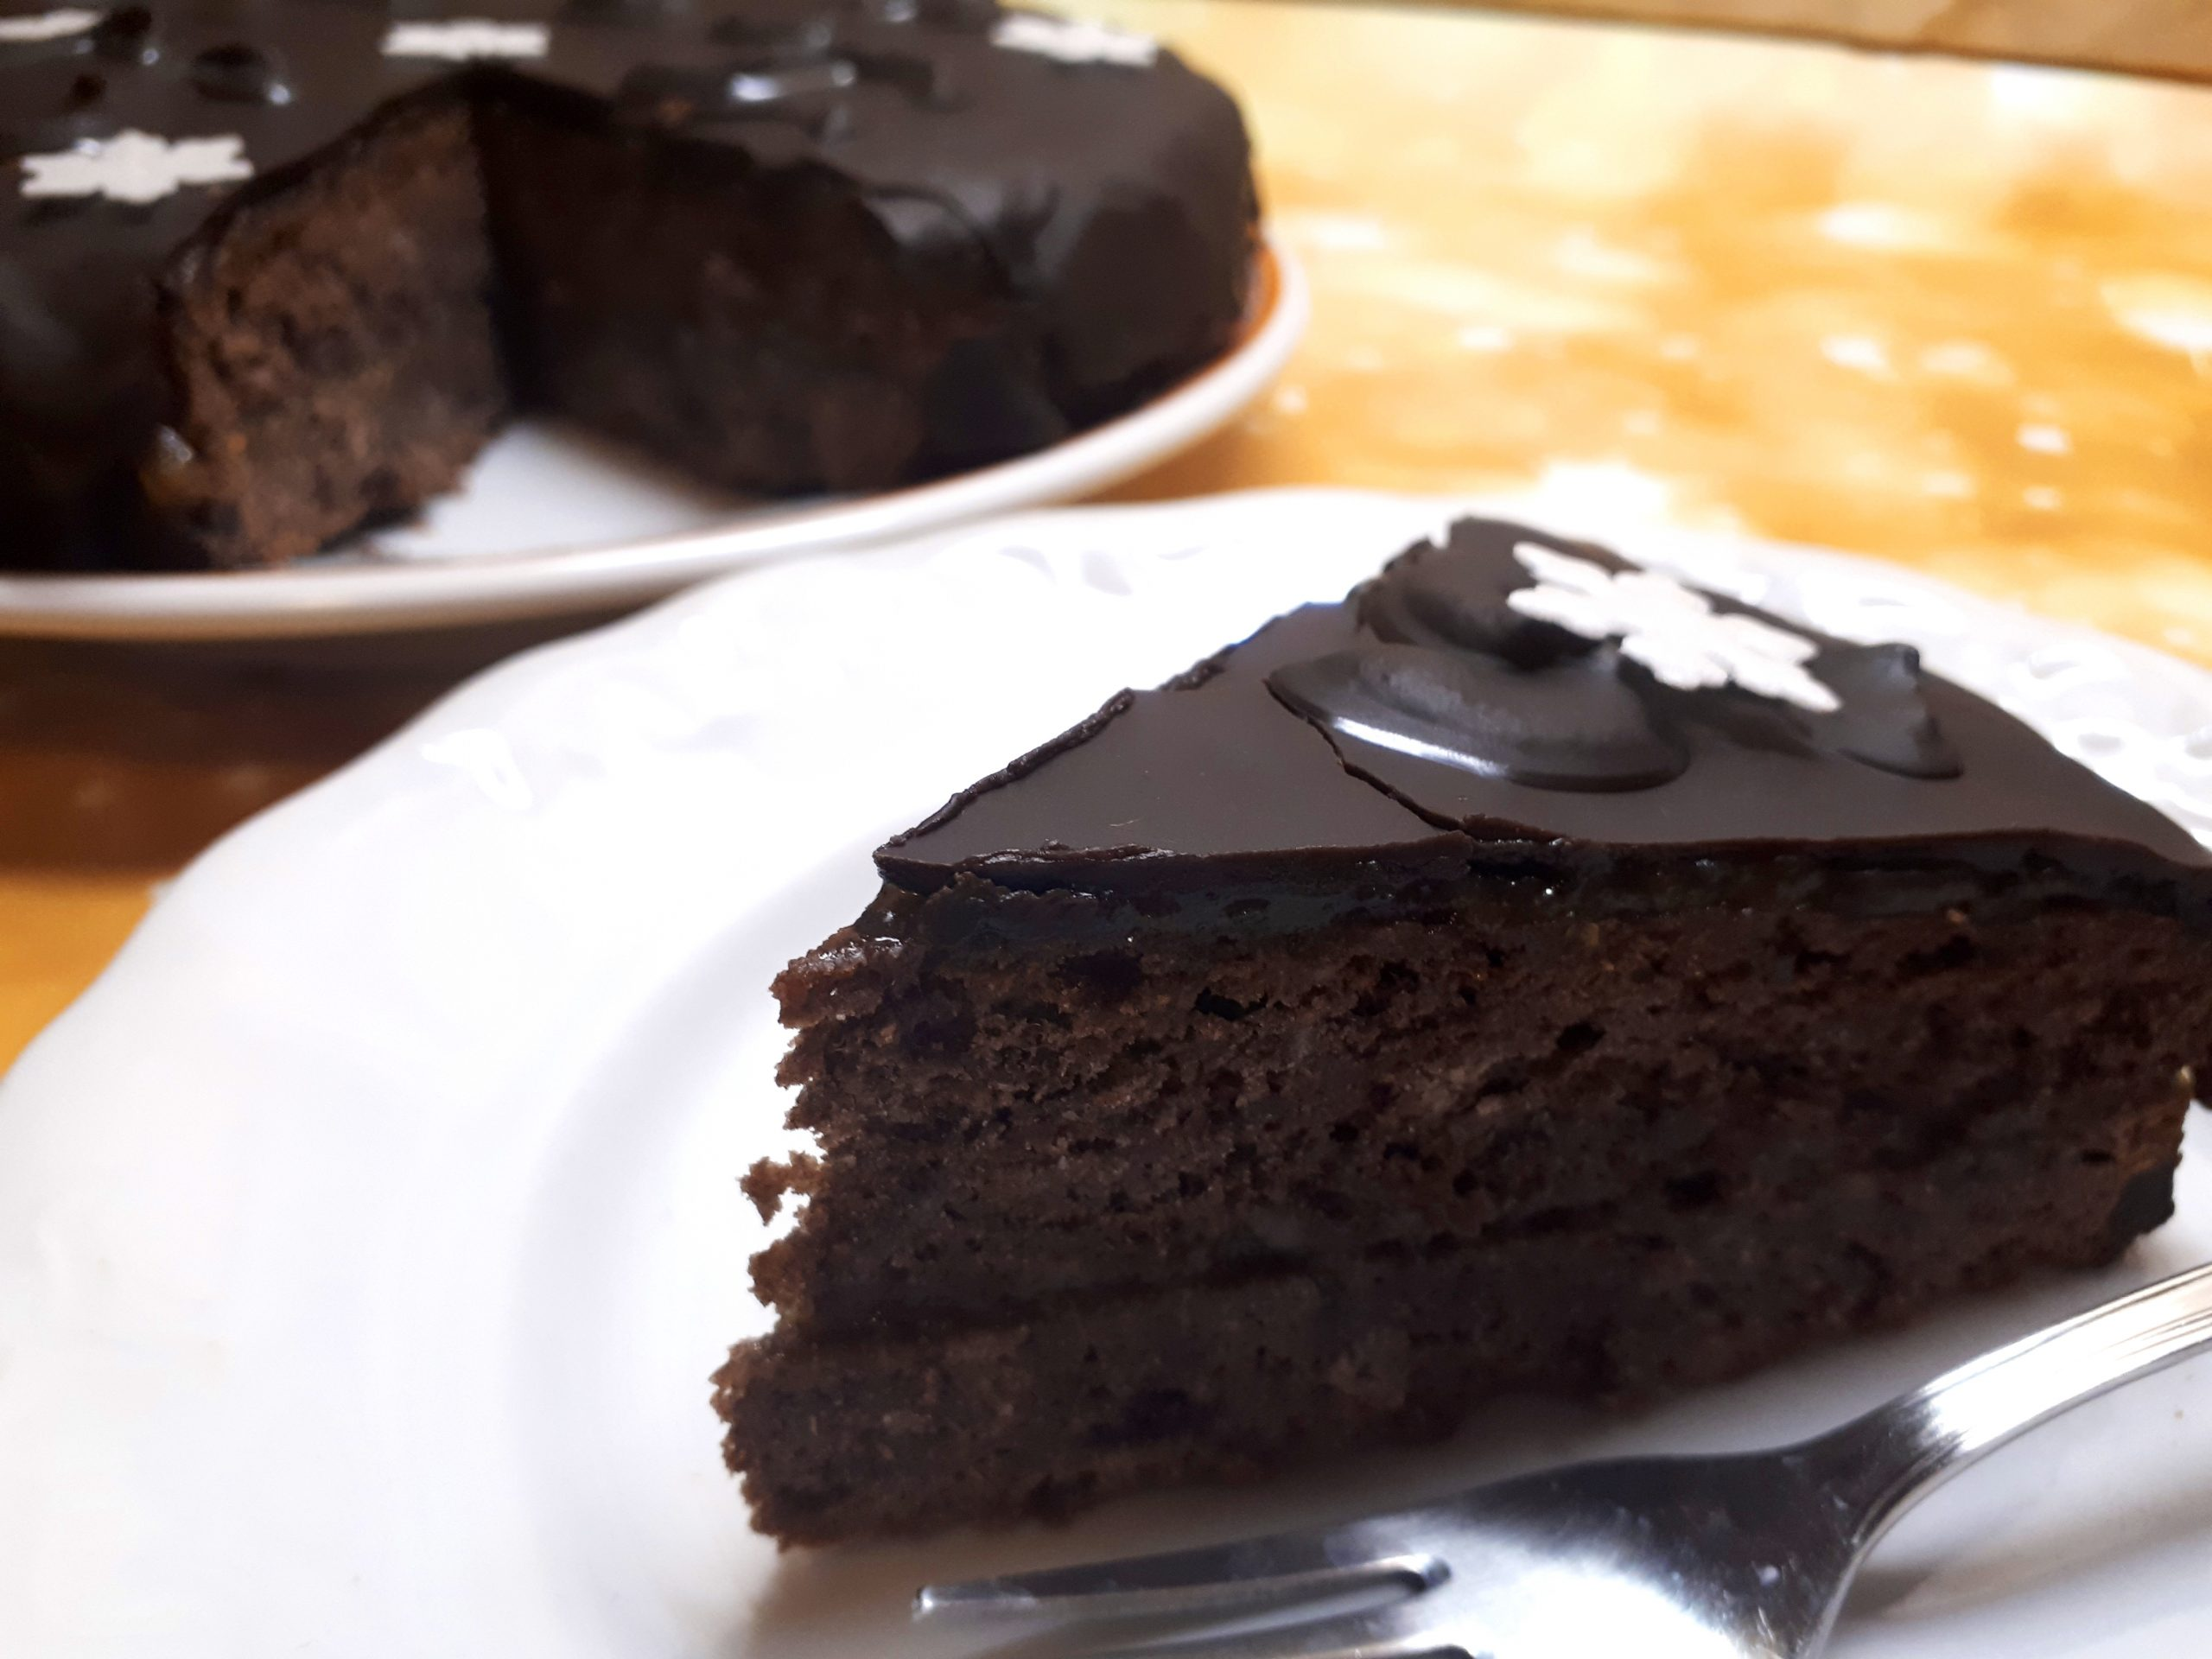 Cukormentes diétás Sacher torta recept Dia Wellness szénhidrátcsökkentett lisztből